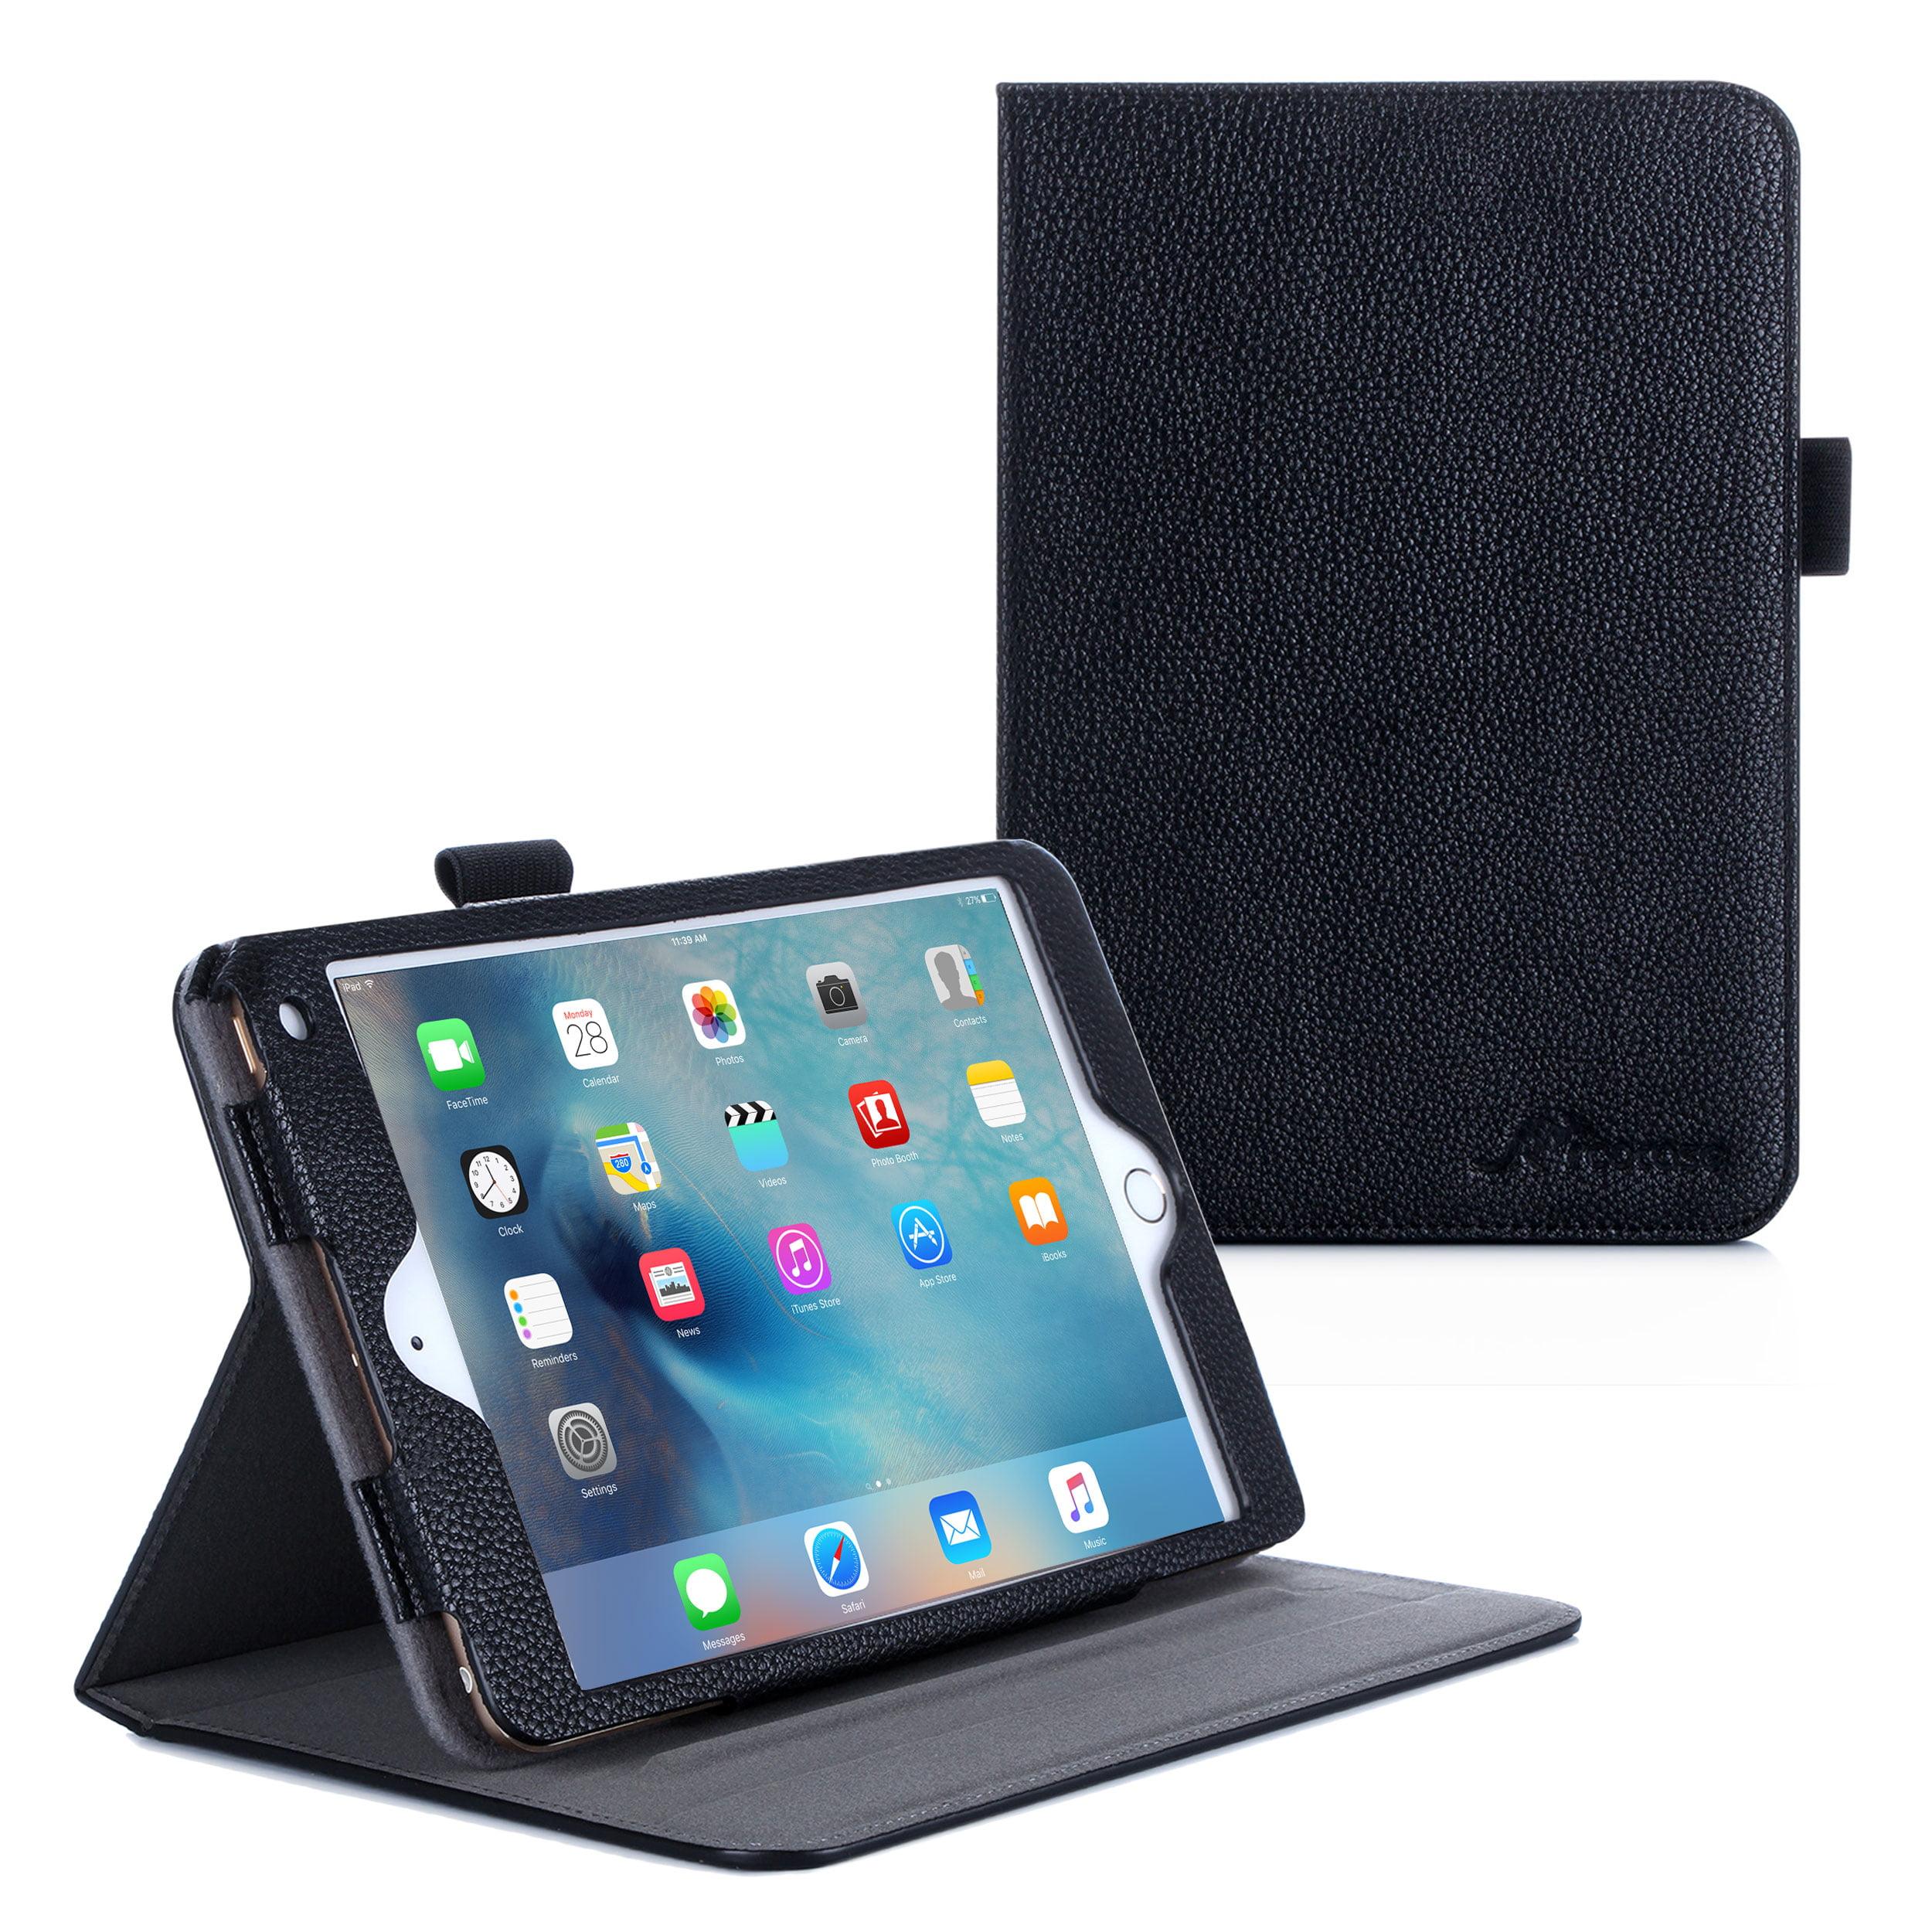 ipad mini 4 case roocase dual view pro ipad mini 4 multi viewing stand folio case smart cover